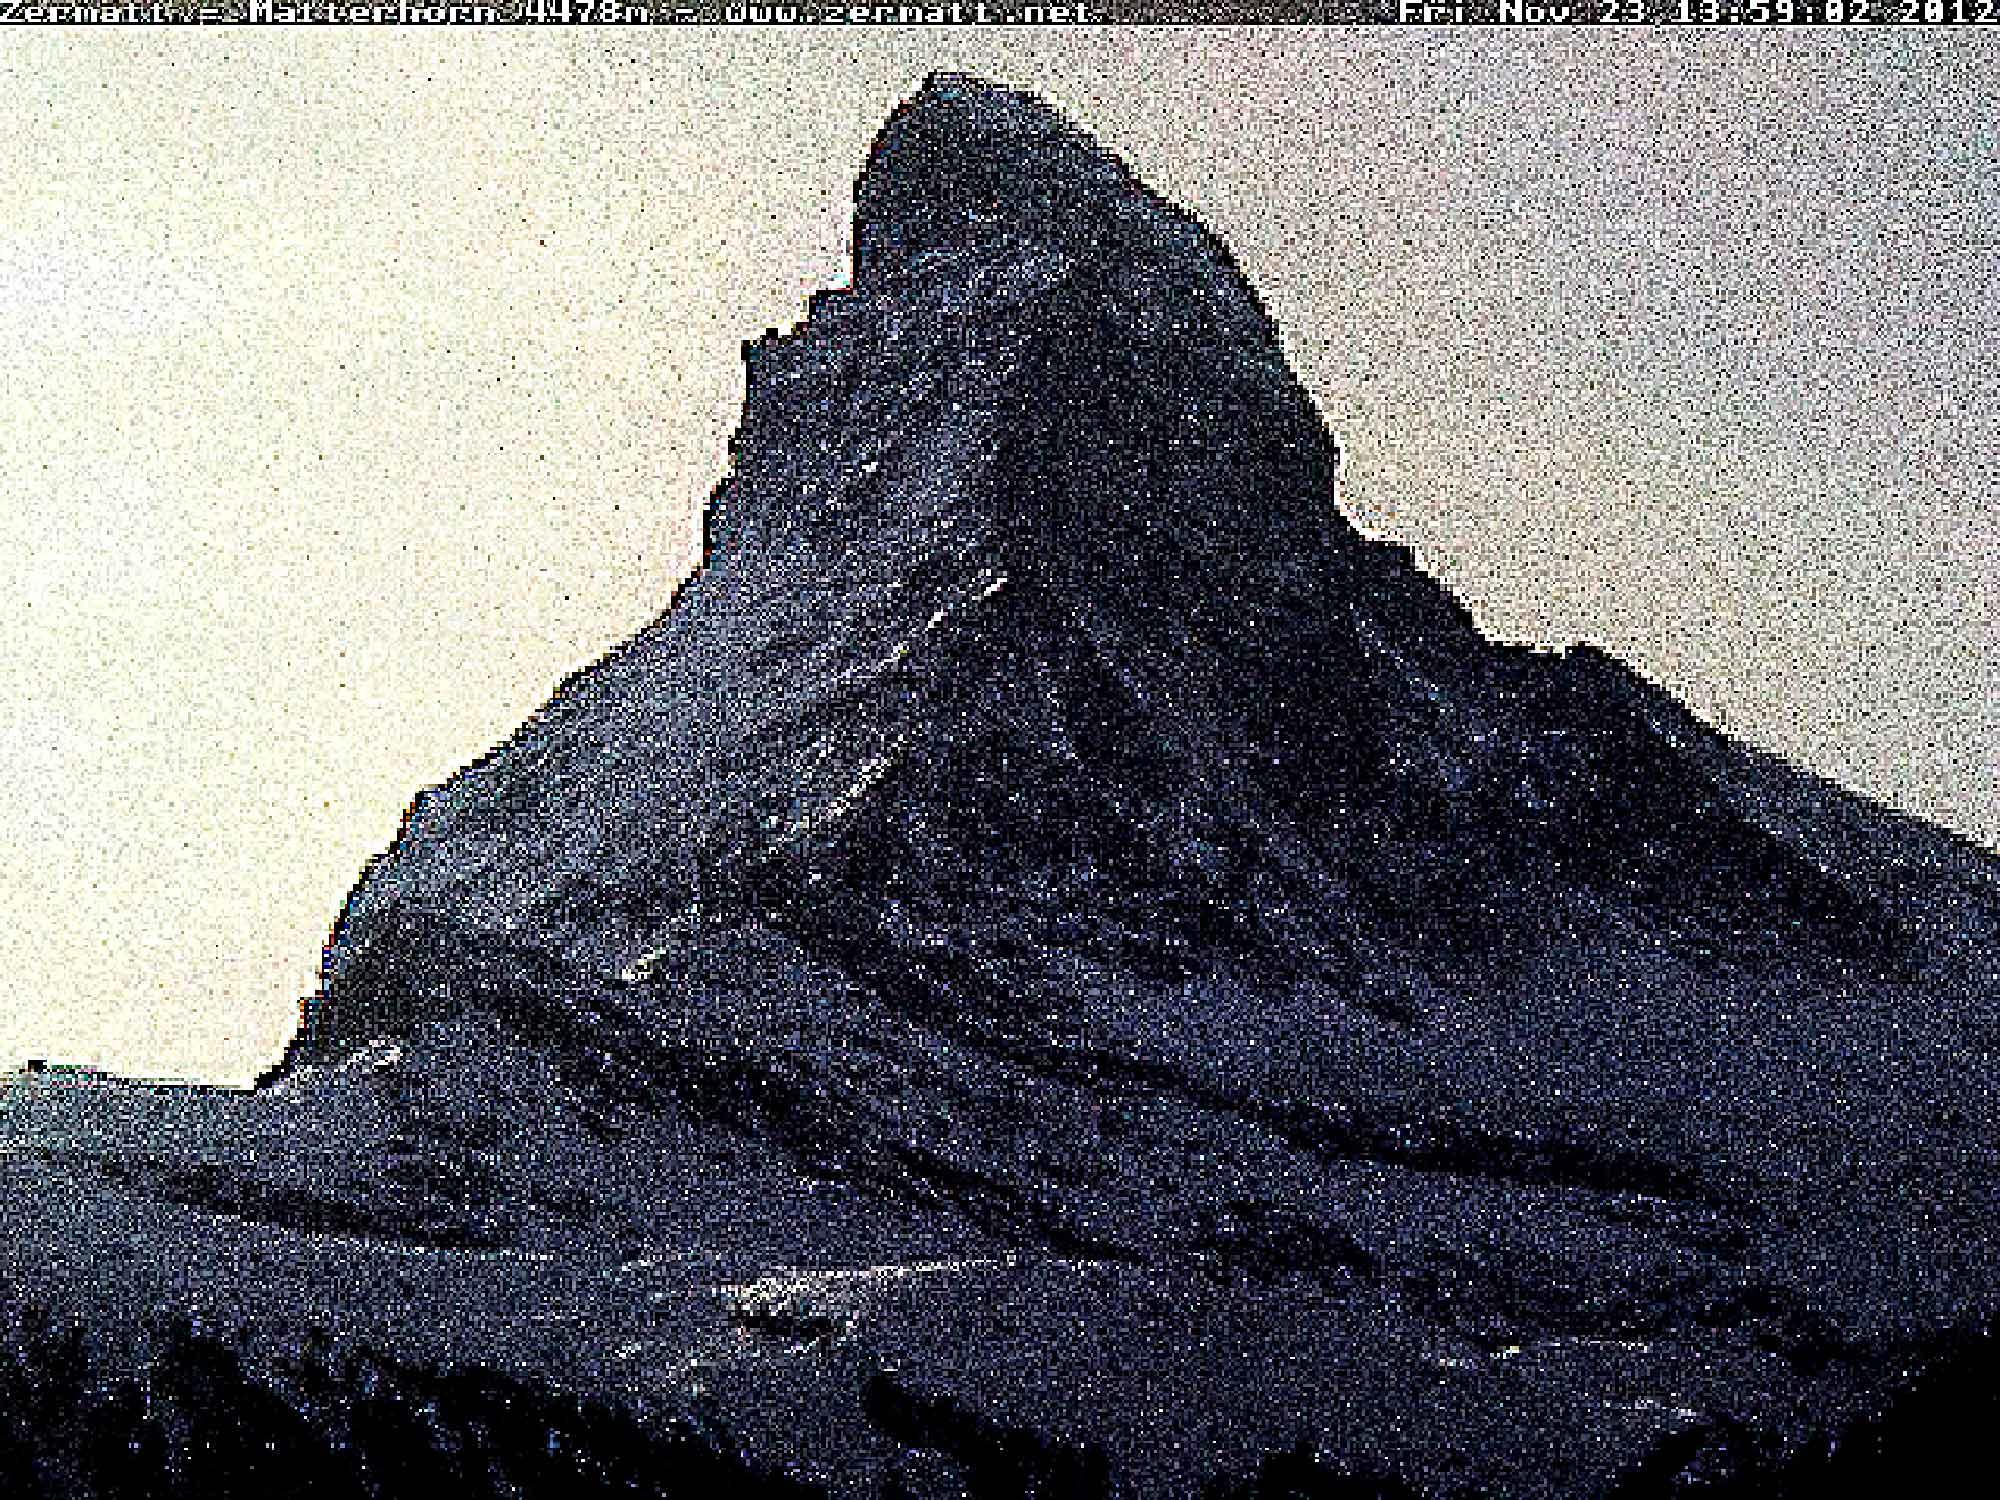 #1003 Matterhorn 2012 11 23